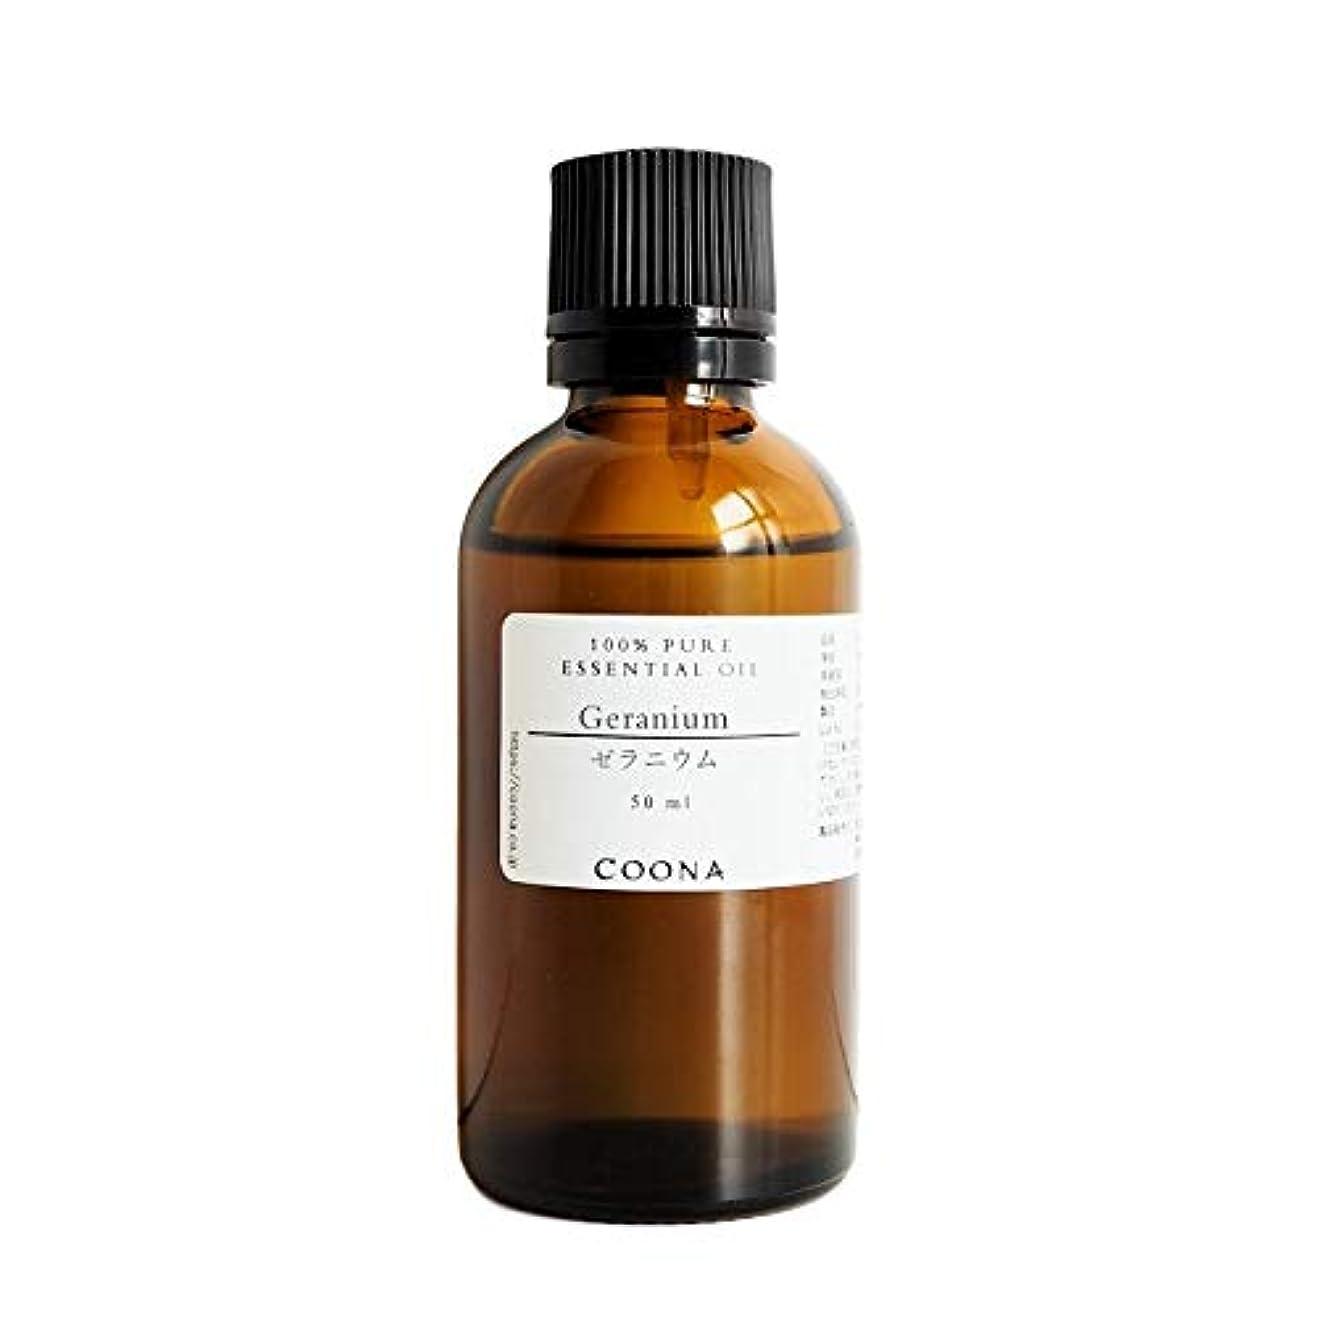 ローズ限界大脳ゼラニウム 50 ml (COONA エッセンシャルオイル アロマオイル 100%天然植物精油)